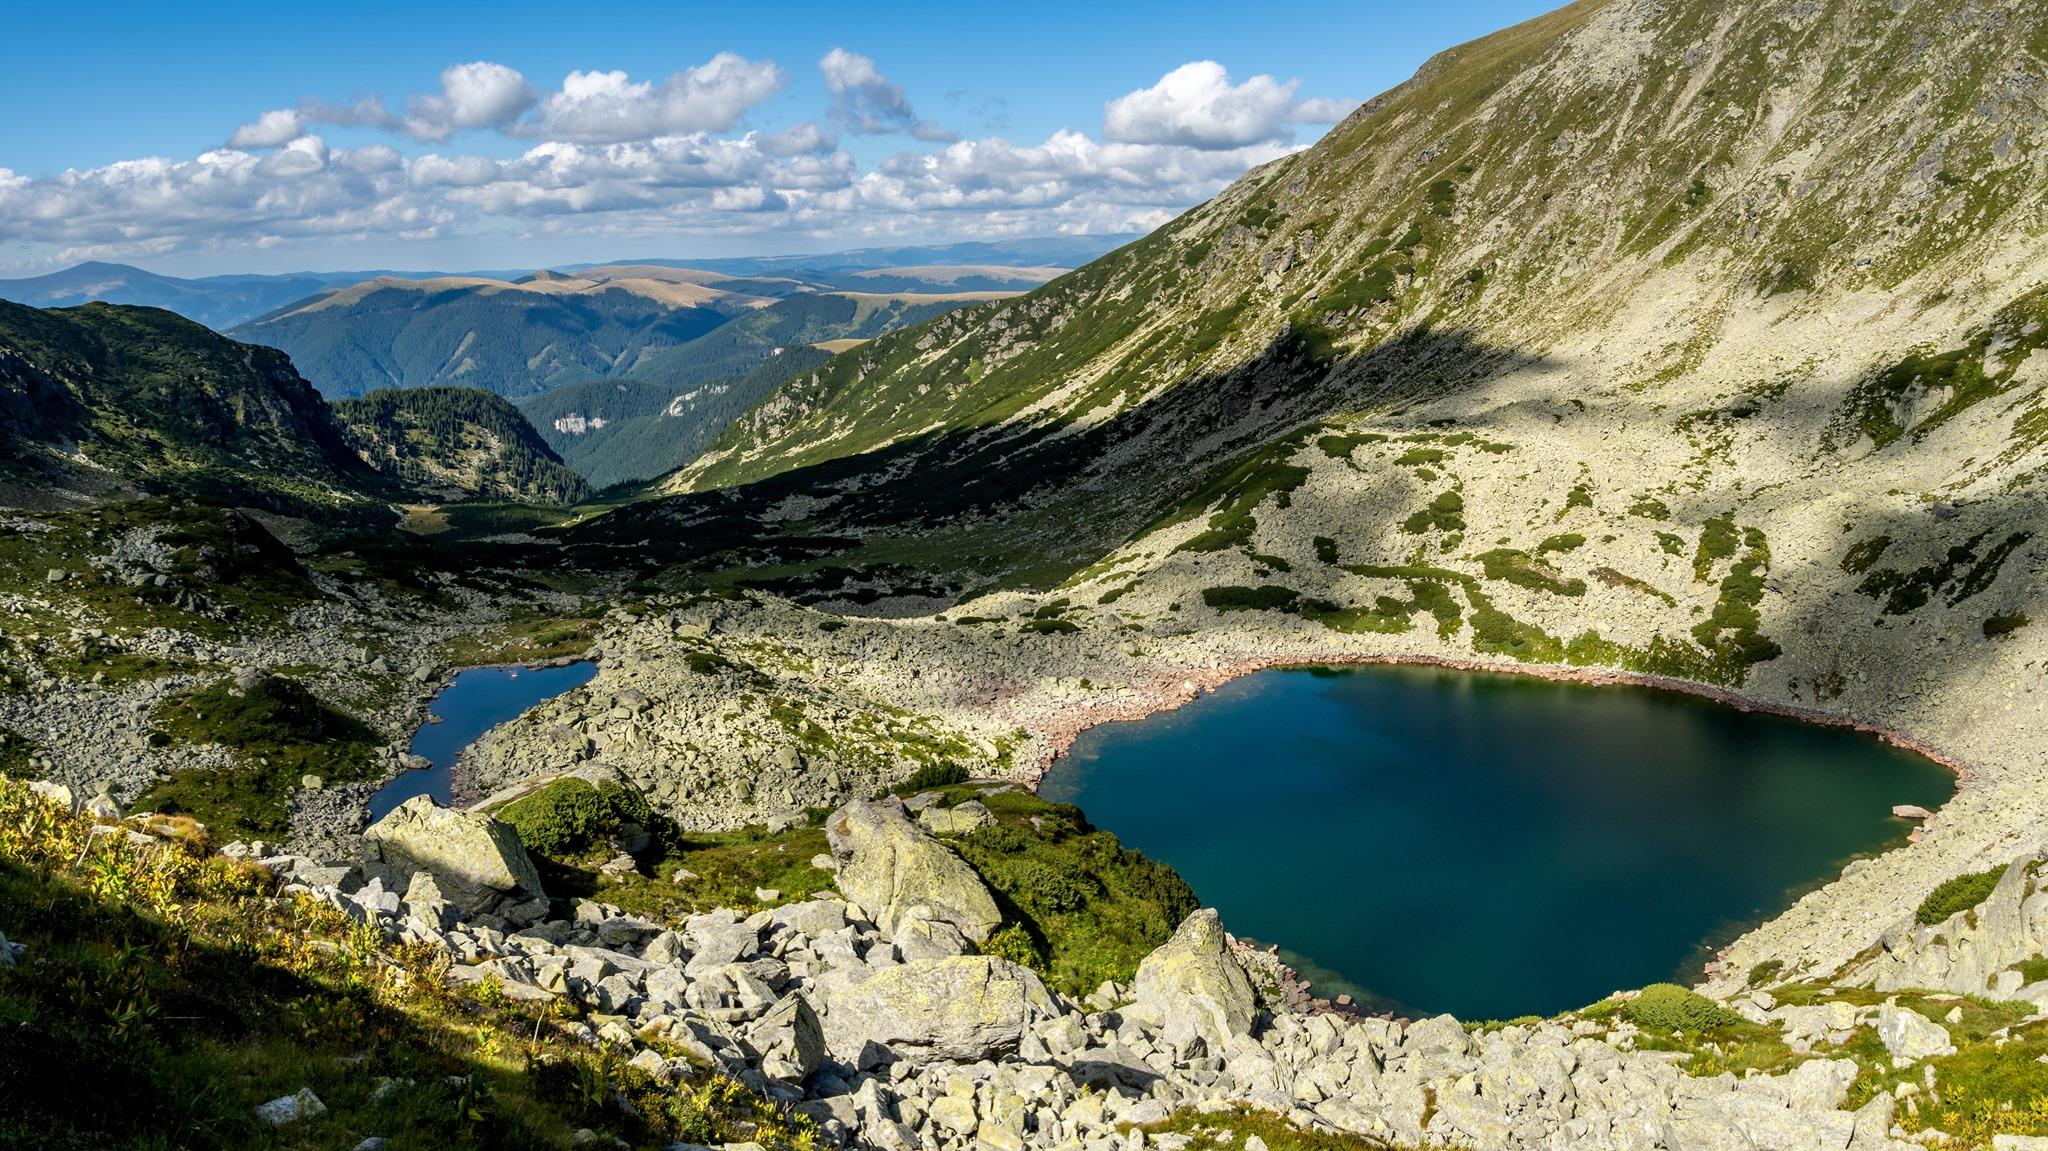 Caldarea cu Lacurile Lung și Roșiile - Marian Stan